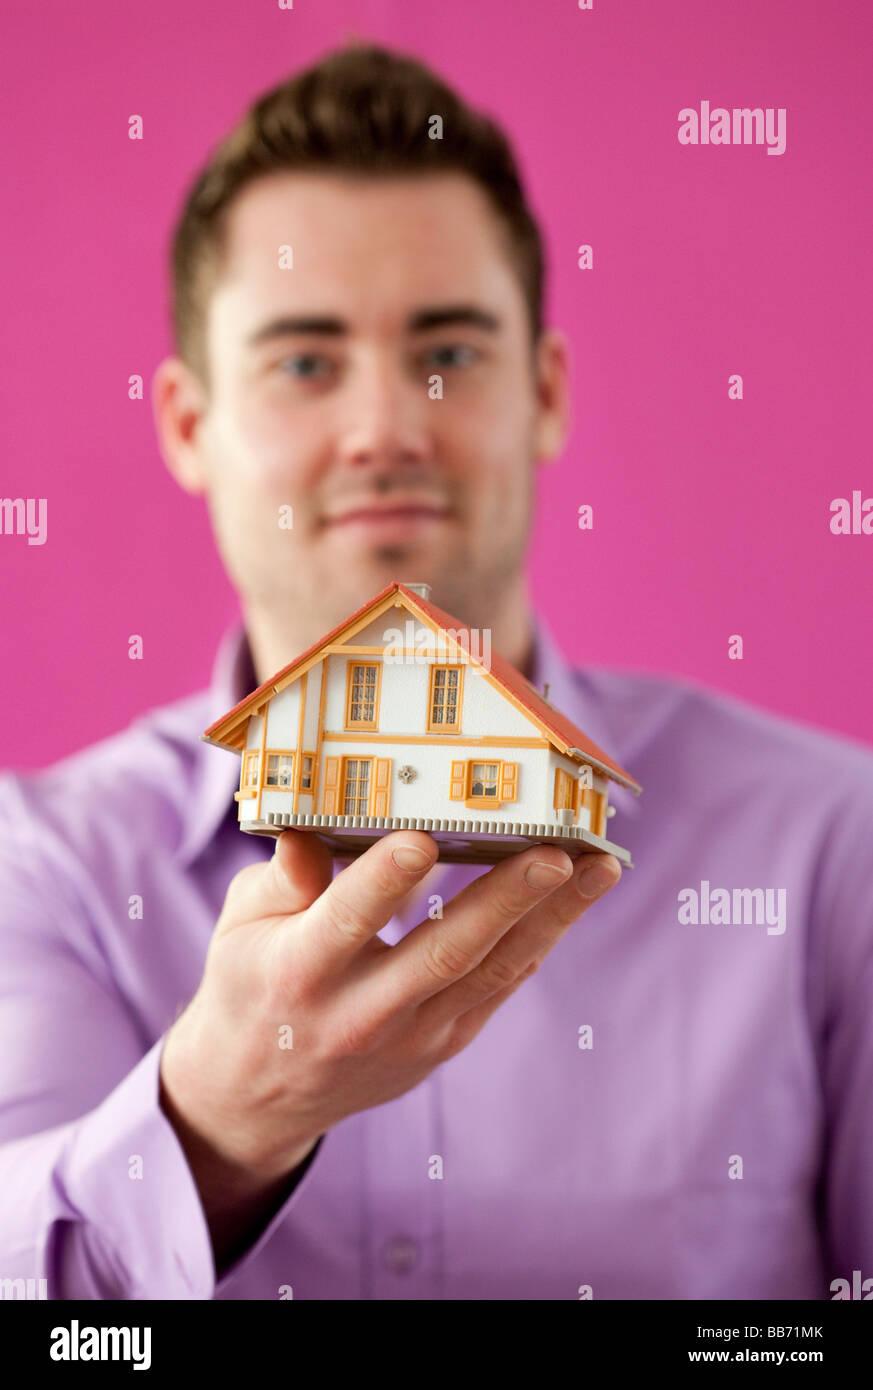 Junger Mann hält ein kleines Haus Stockbild